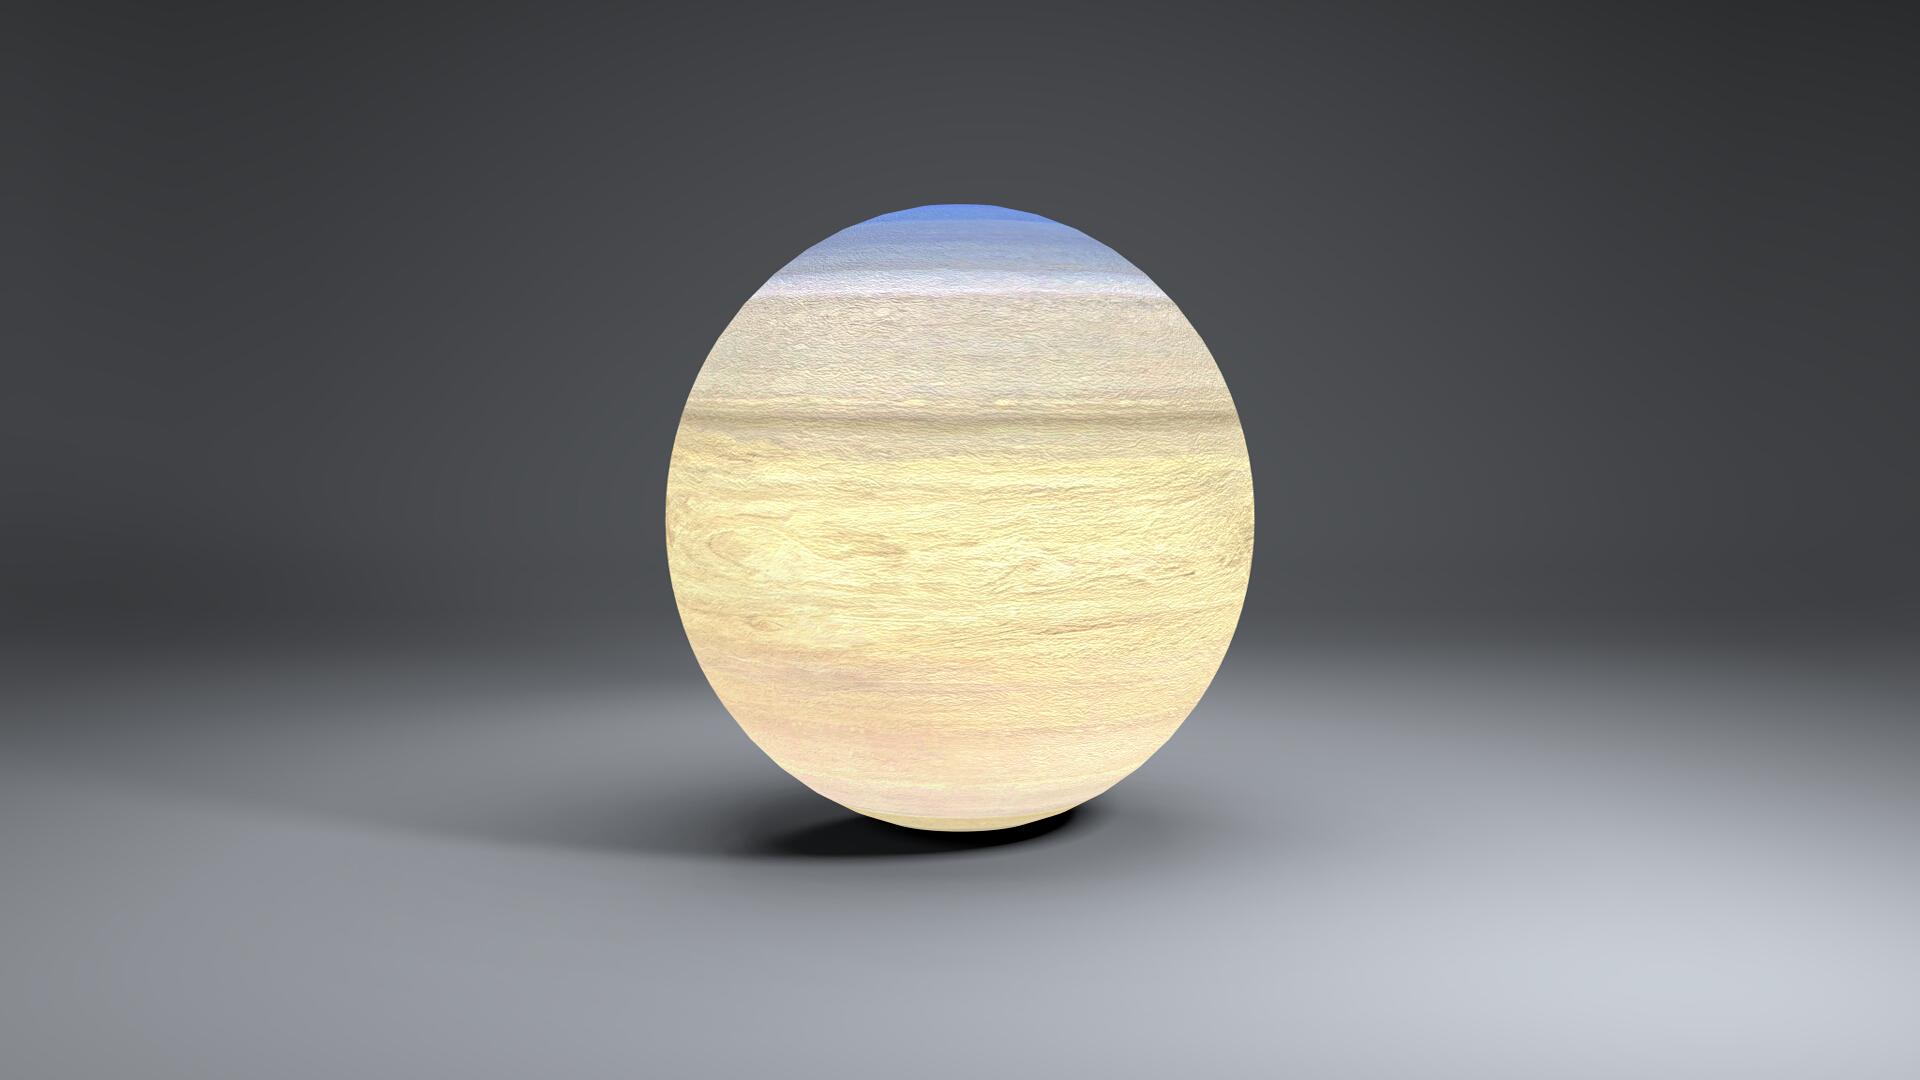 saturn 4k globe 3d model 3ds fbx blend dae obj 269056